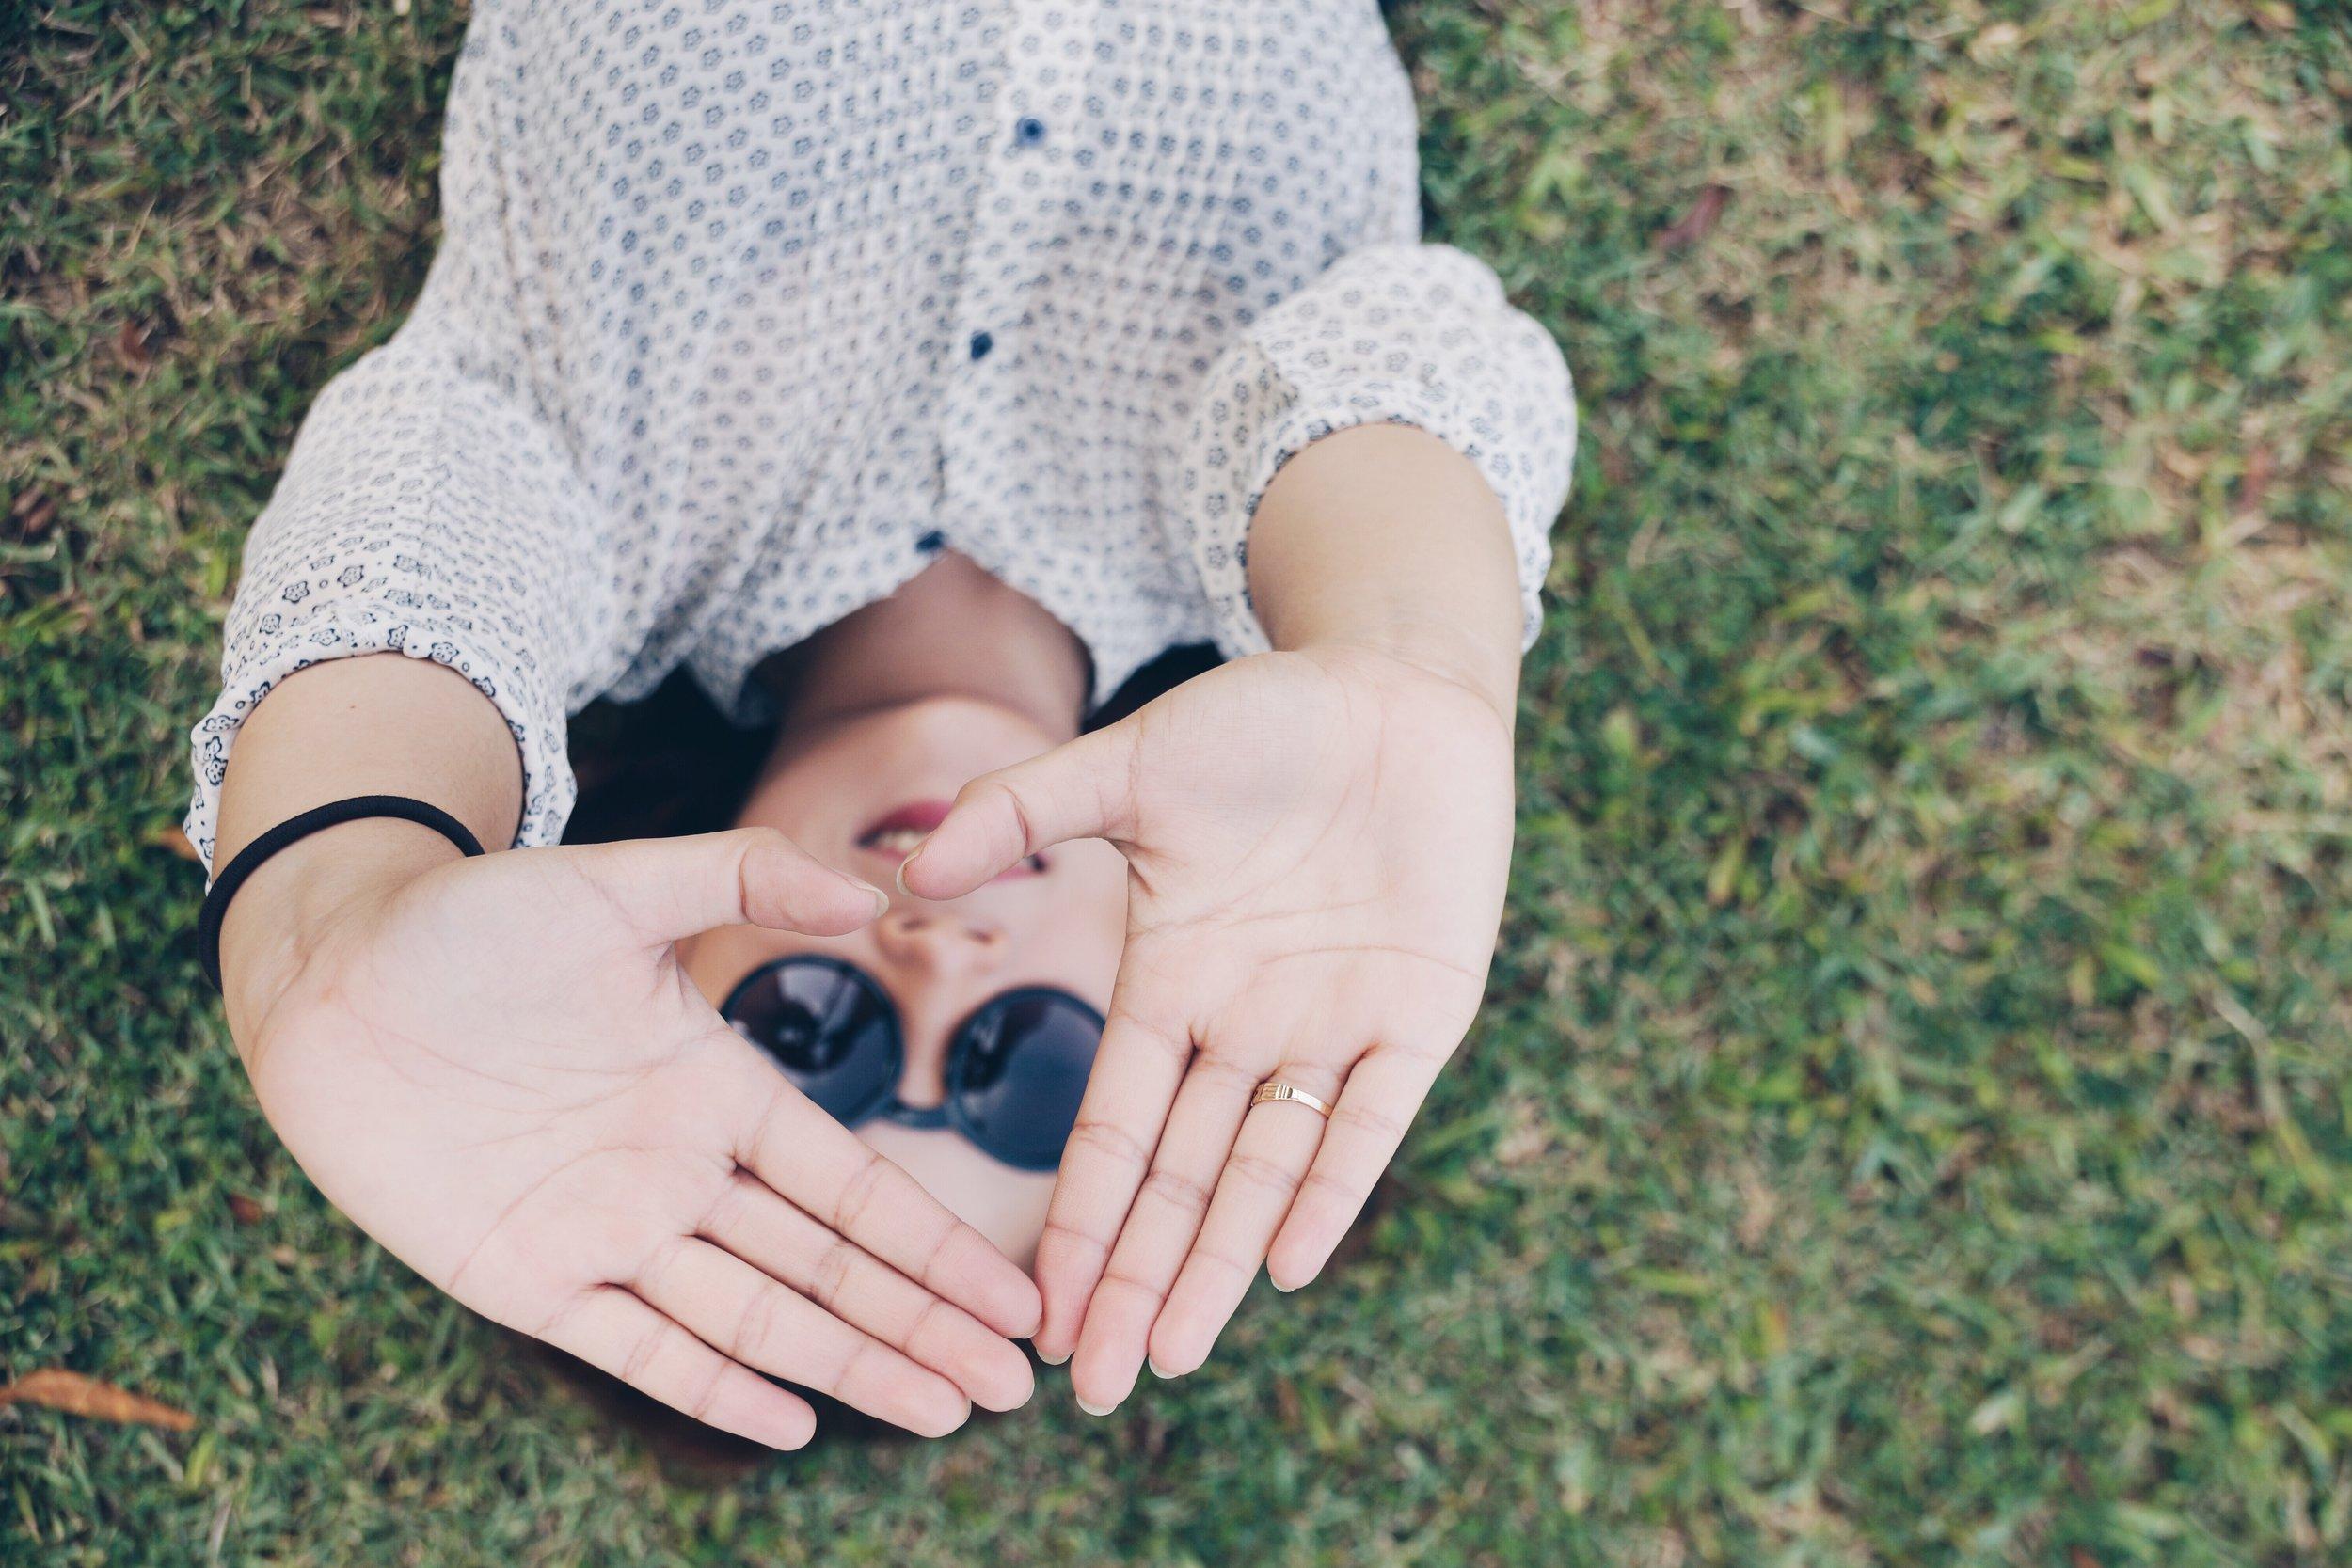 relax woman:heart hands.jpg